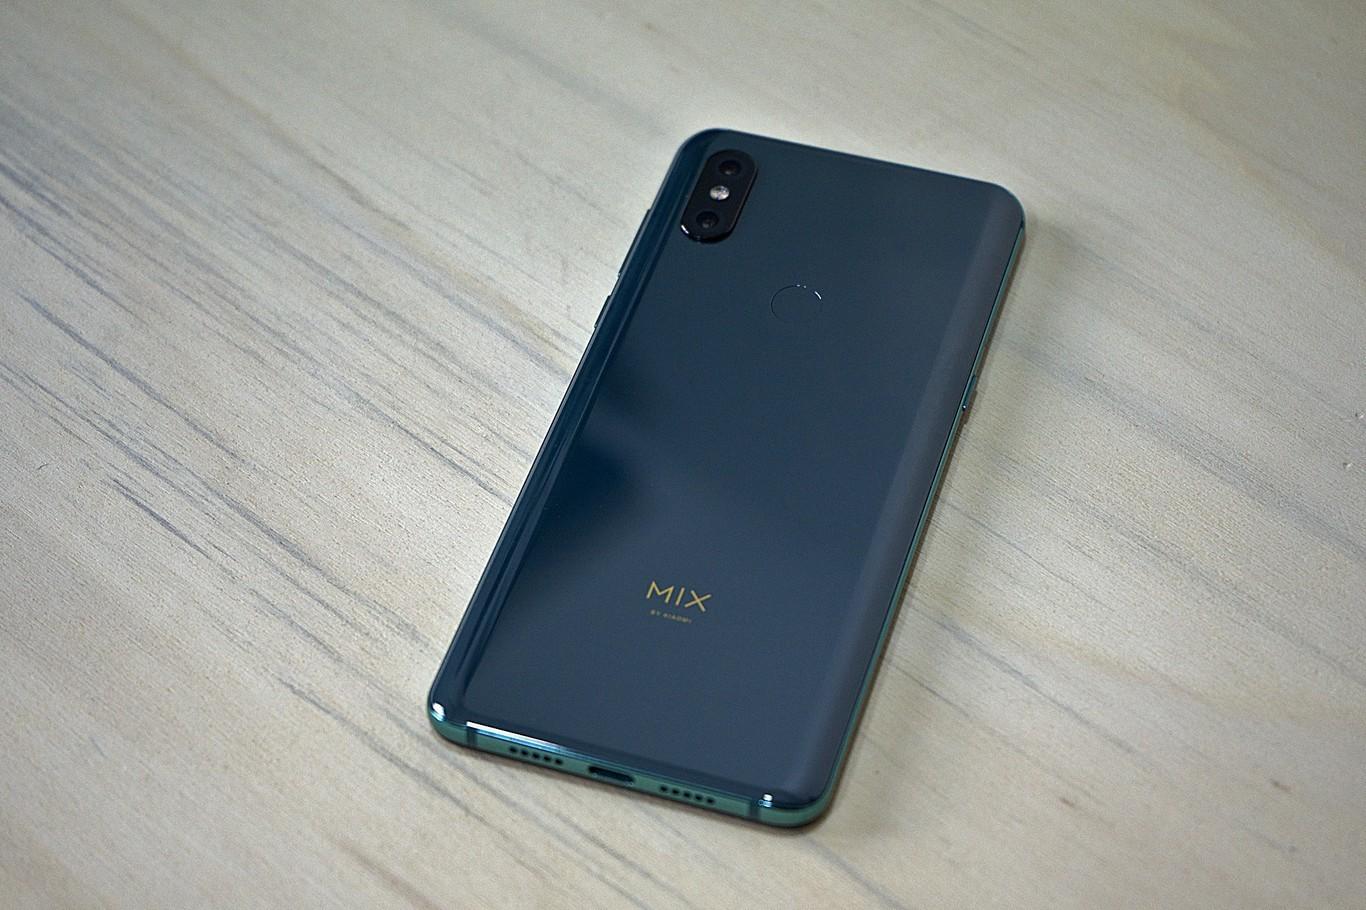 Xiaomi pone fecha al lanzamiento del Mi MIX 5G y Mi 9 Pro 5G